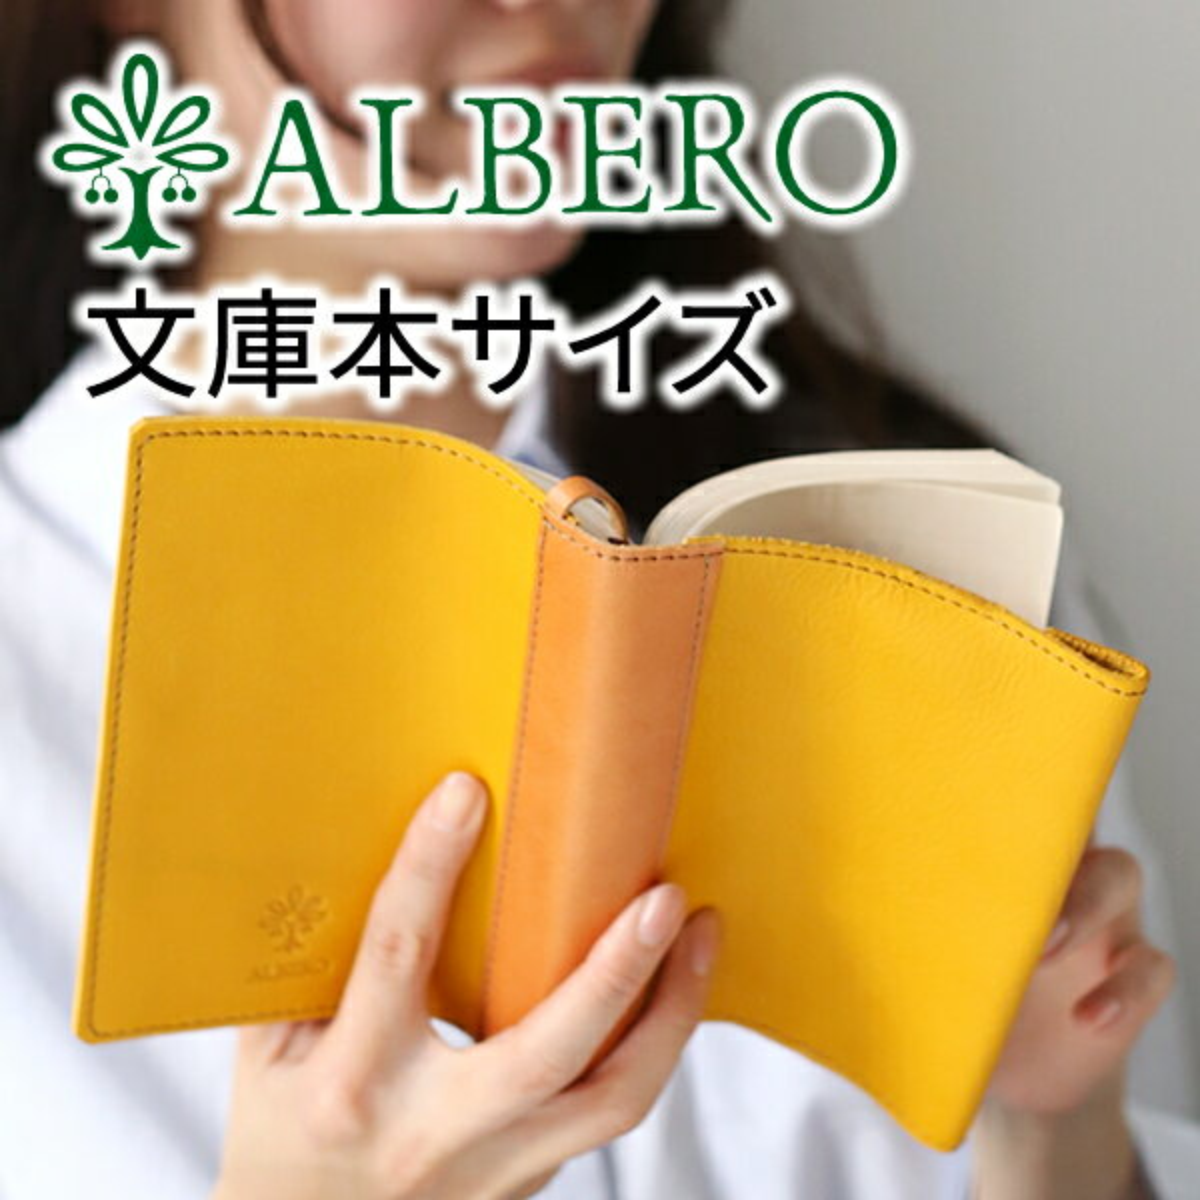 【選べるかわいいノベルティ付】 ALBERO アルベロ LYON(リヨン)ブックカバー 4362 ( 文庫本サイズ )レディース 本革 レザー ブックカバー 日本製 ギフト かわいい おしゃれ プレゼント